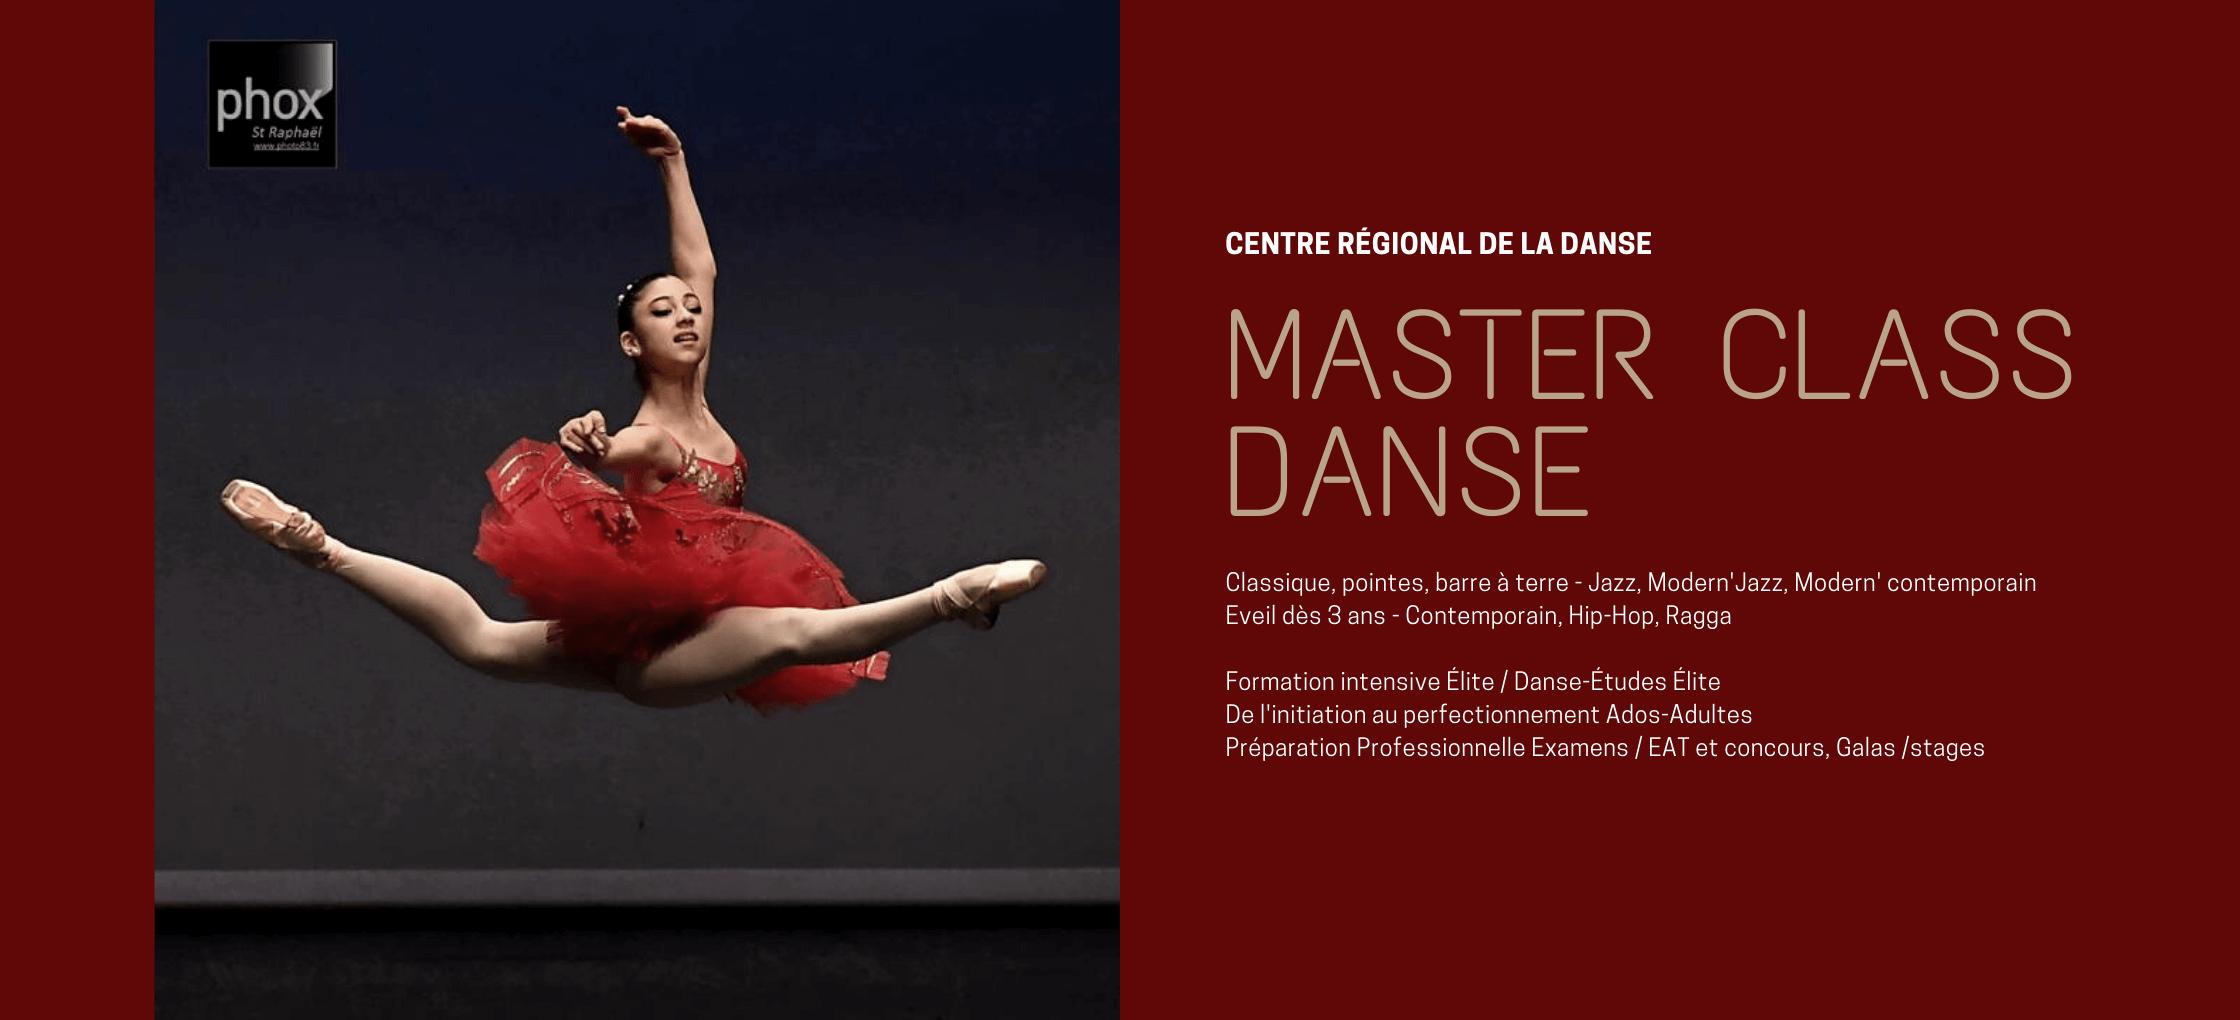 Master Class Danse bannière